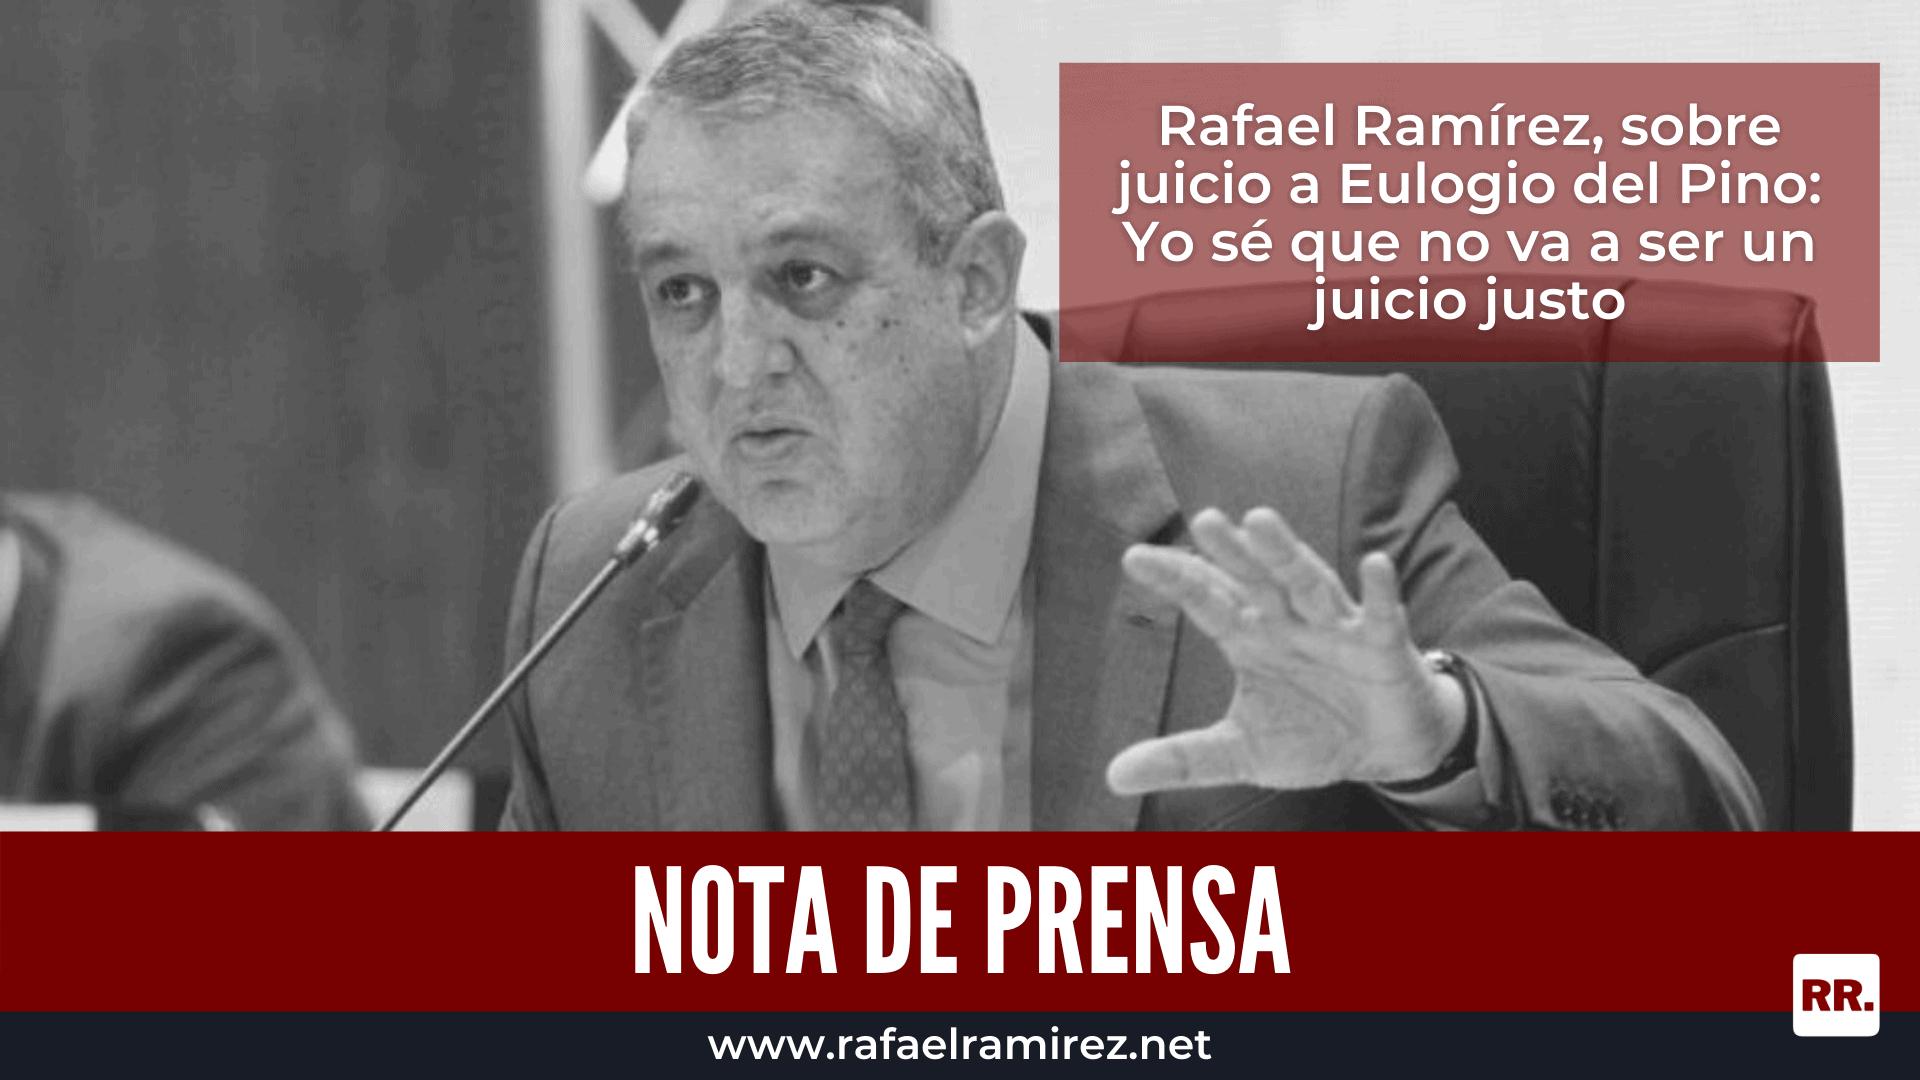 Rafael Ramírez, sobre juicio a Eulogio del Pino: Yo sé que no va a ser un juicio justo